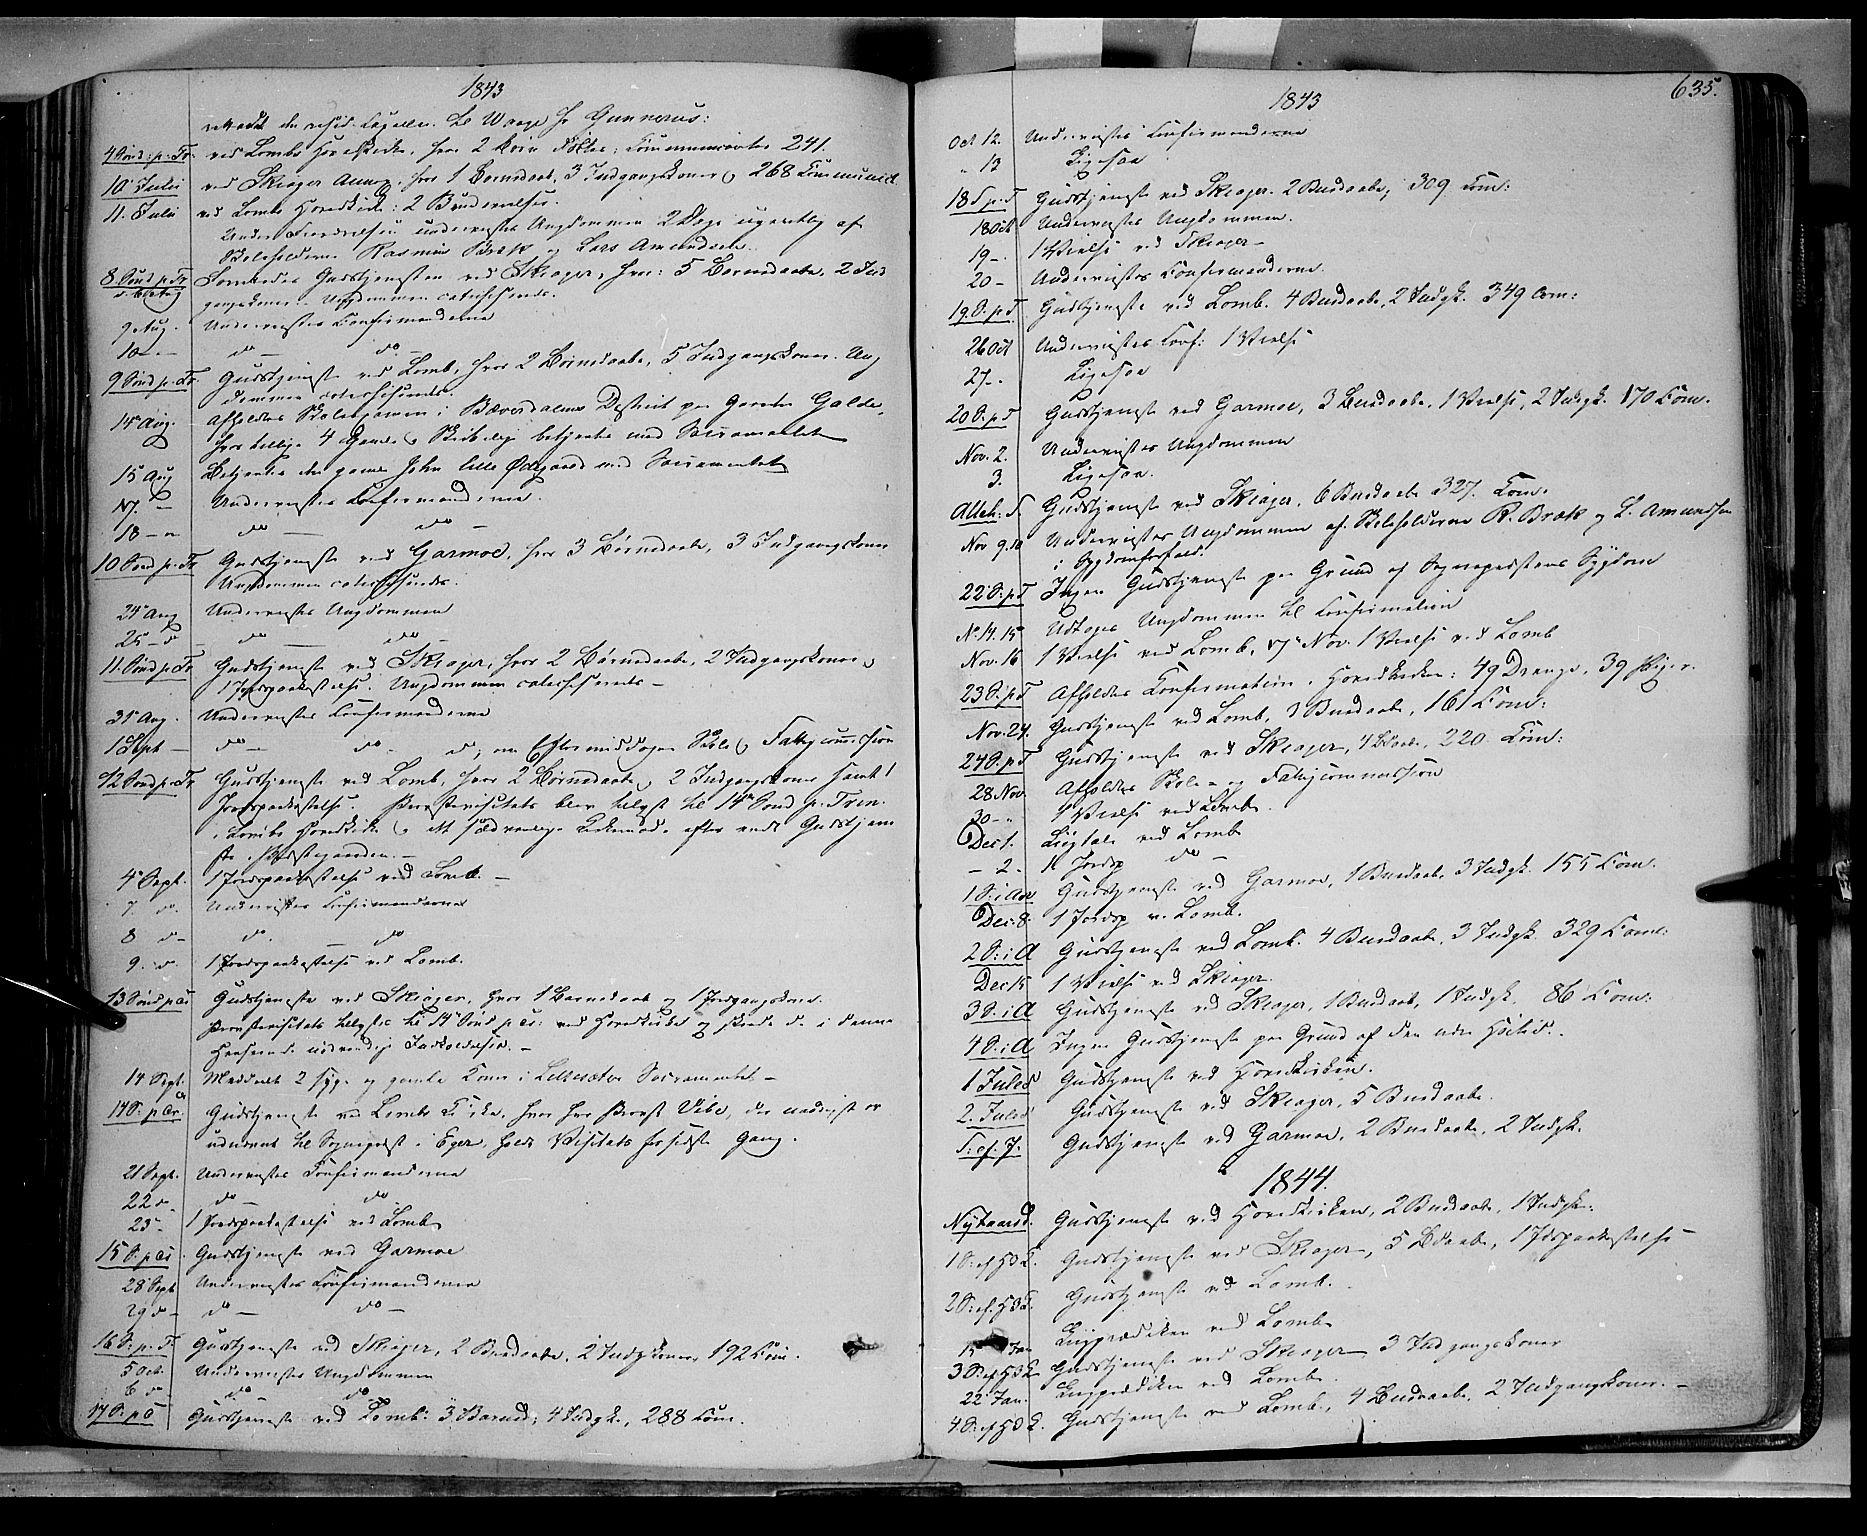 SAH, Lom prestekontor, K/L0006: Ministerialbok nr. 6B, 1837-1863, s. 635